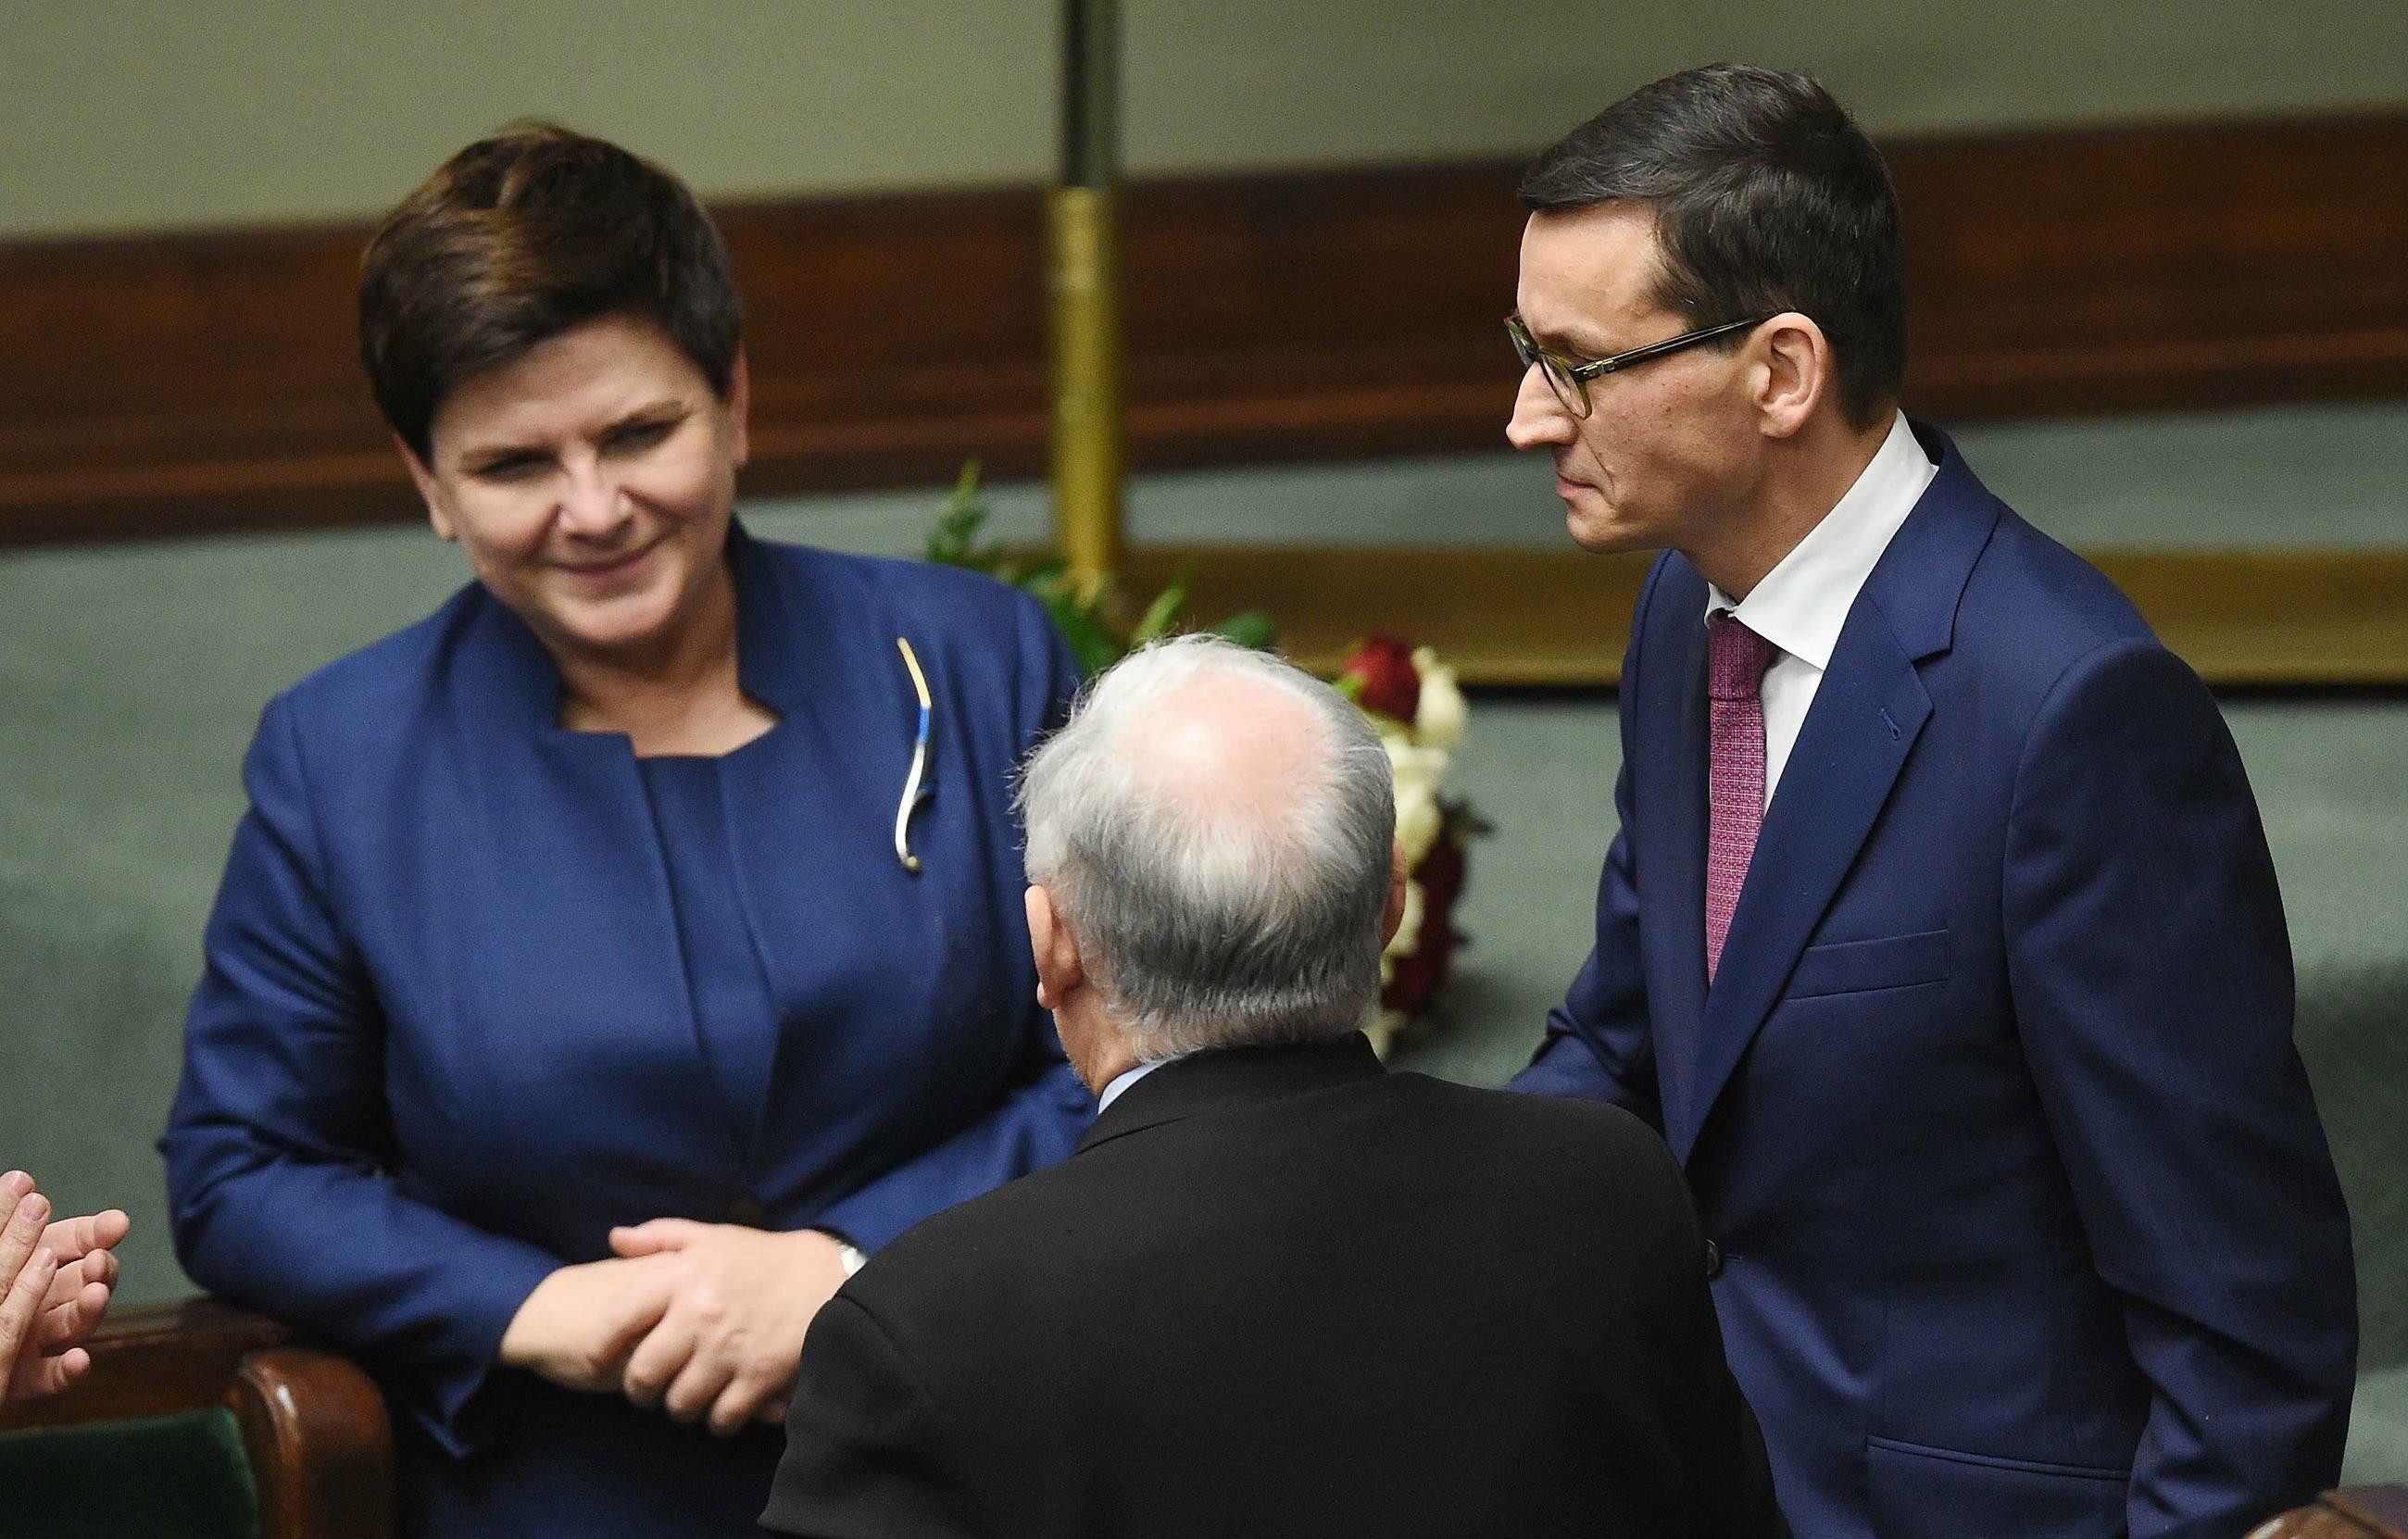 Premier Mateusz Morawiecki, wicepremier Beata Szydło oraz prezes PiS Jarosław Kaczyński